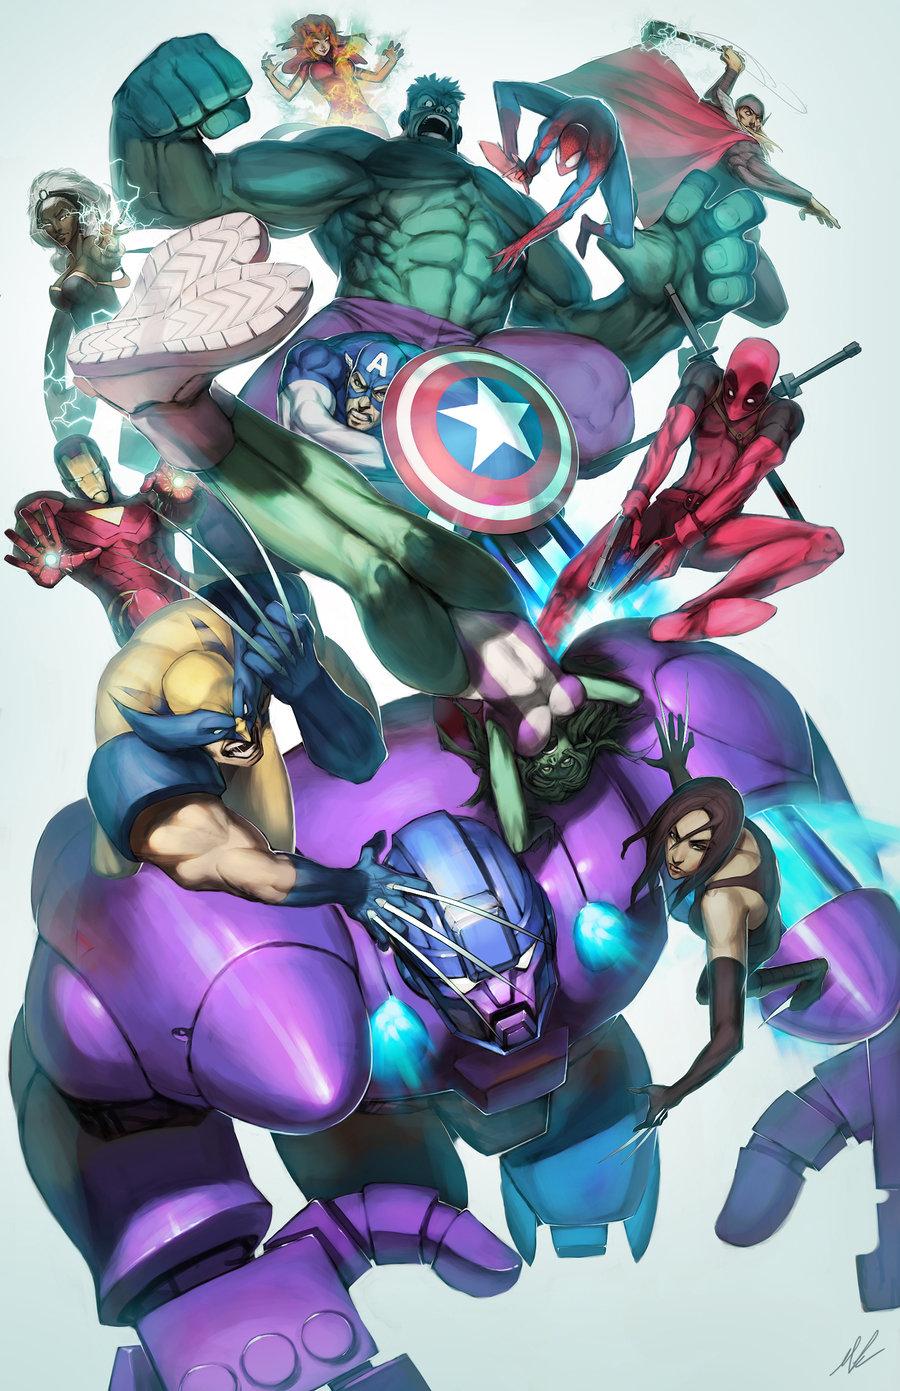 Download Wallpaper Marvel Deviantart - Marvel  Snapshot_856135.jpg